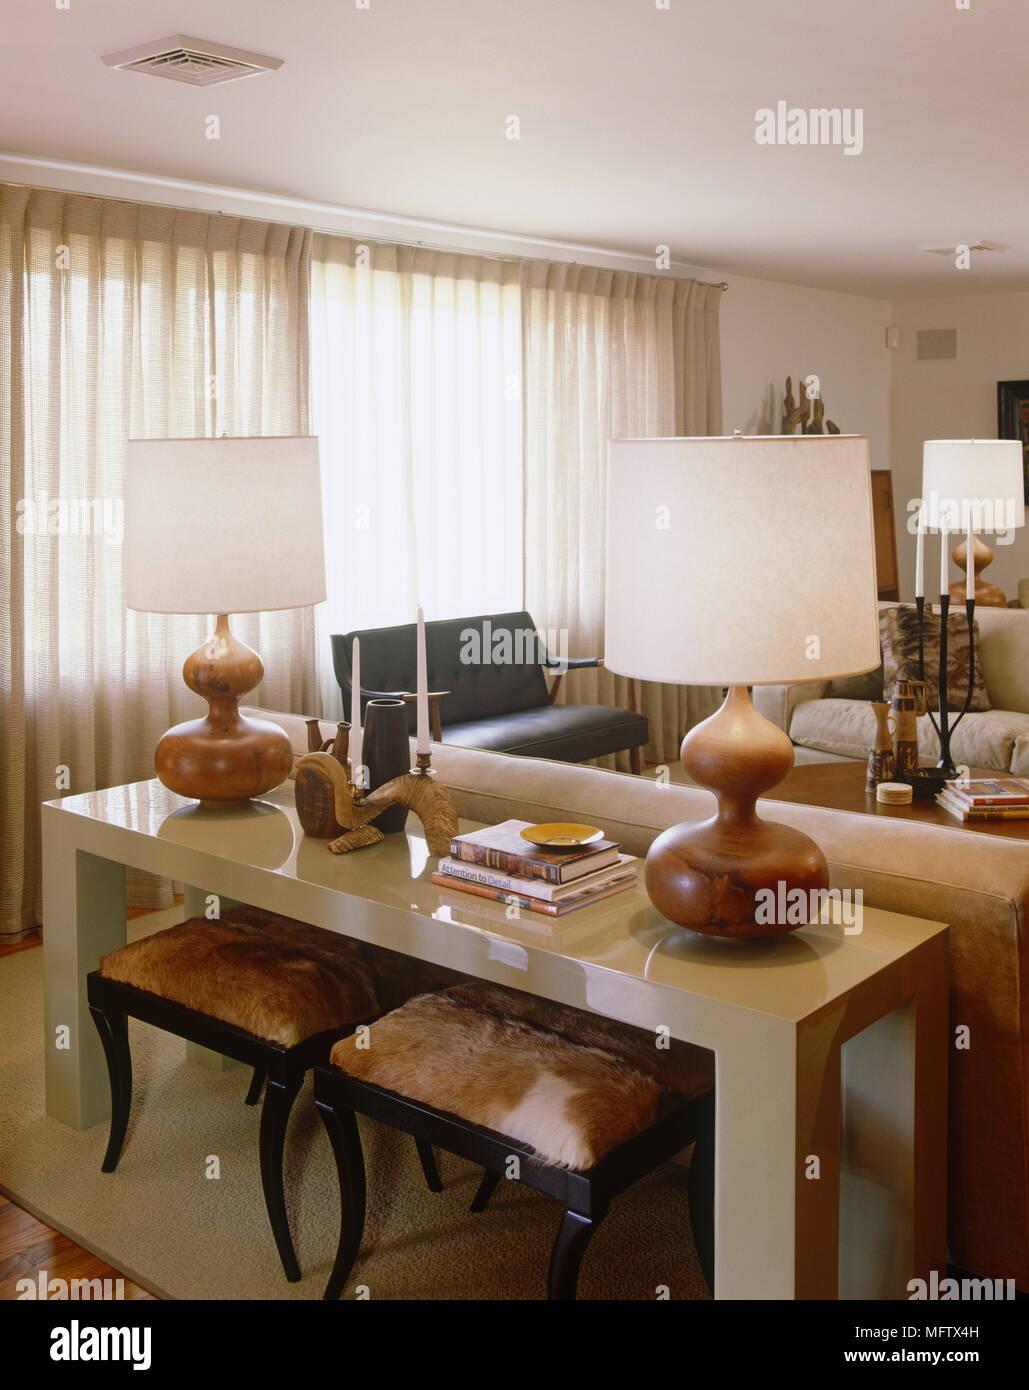 Paar Lampen an der Seite Tabelle in moderne Wohnzimmer ...